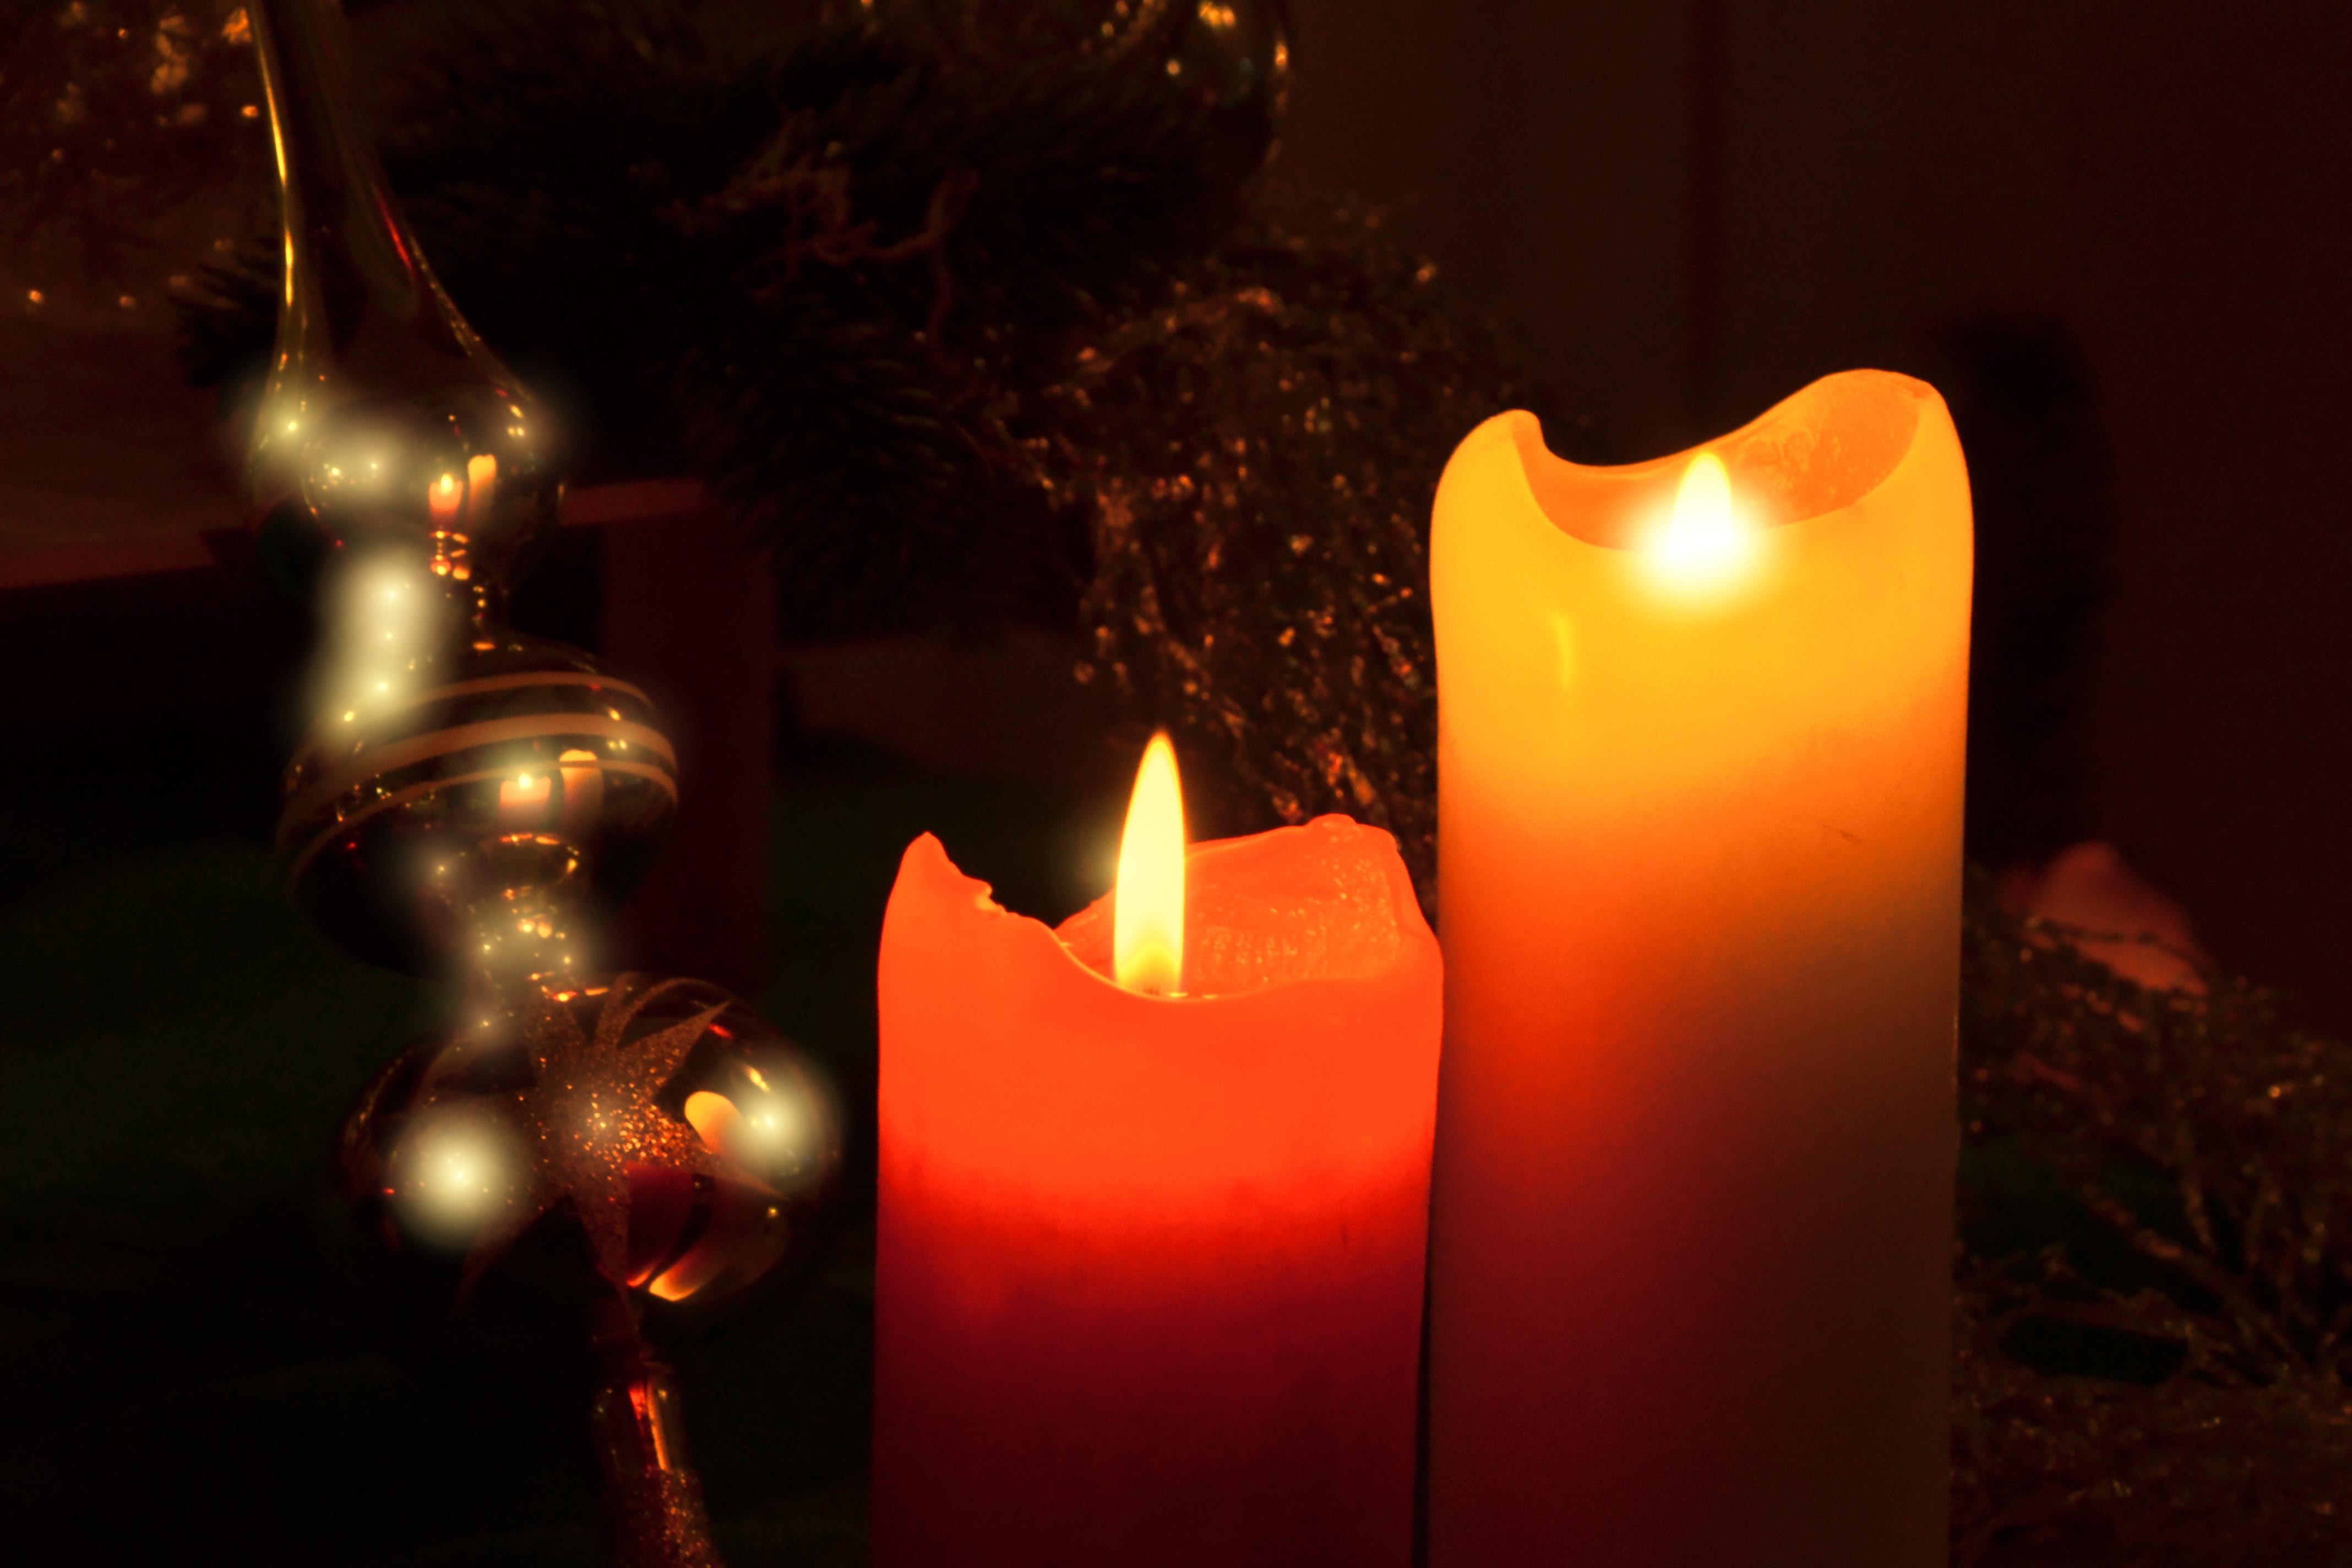 Kostenlose foto : Winter, Licht, Nacht-, Dekoration, rot, Urlaub ...